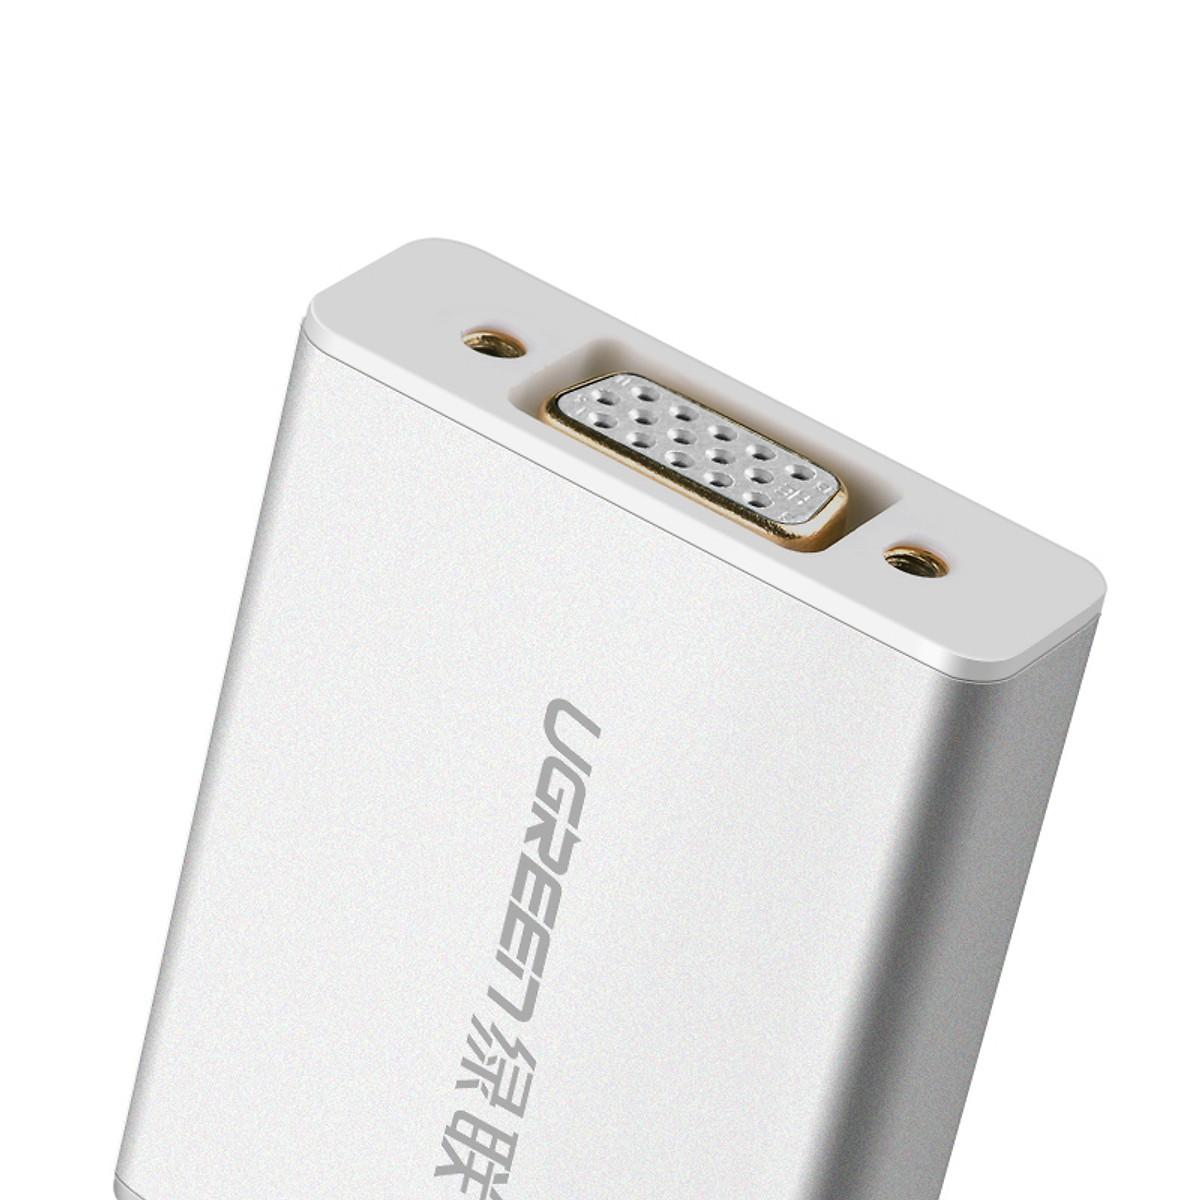 Mini Dp To Vga Converter Đầu Chuyển Đổi Aluminum With Audio Md107 - 10437 Ugreen - Hàng Chính Hãng